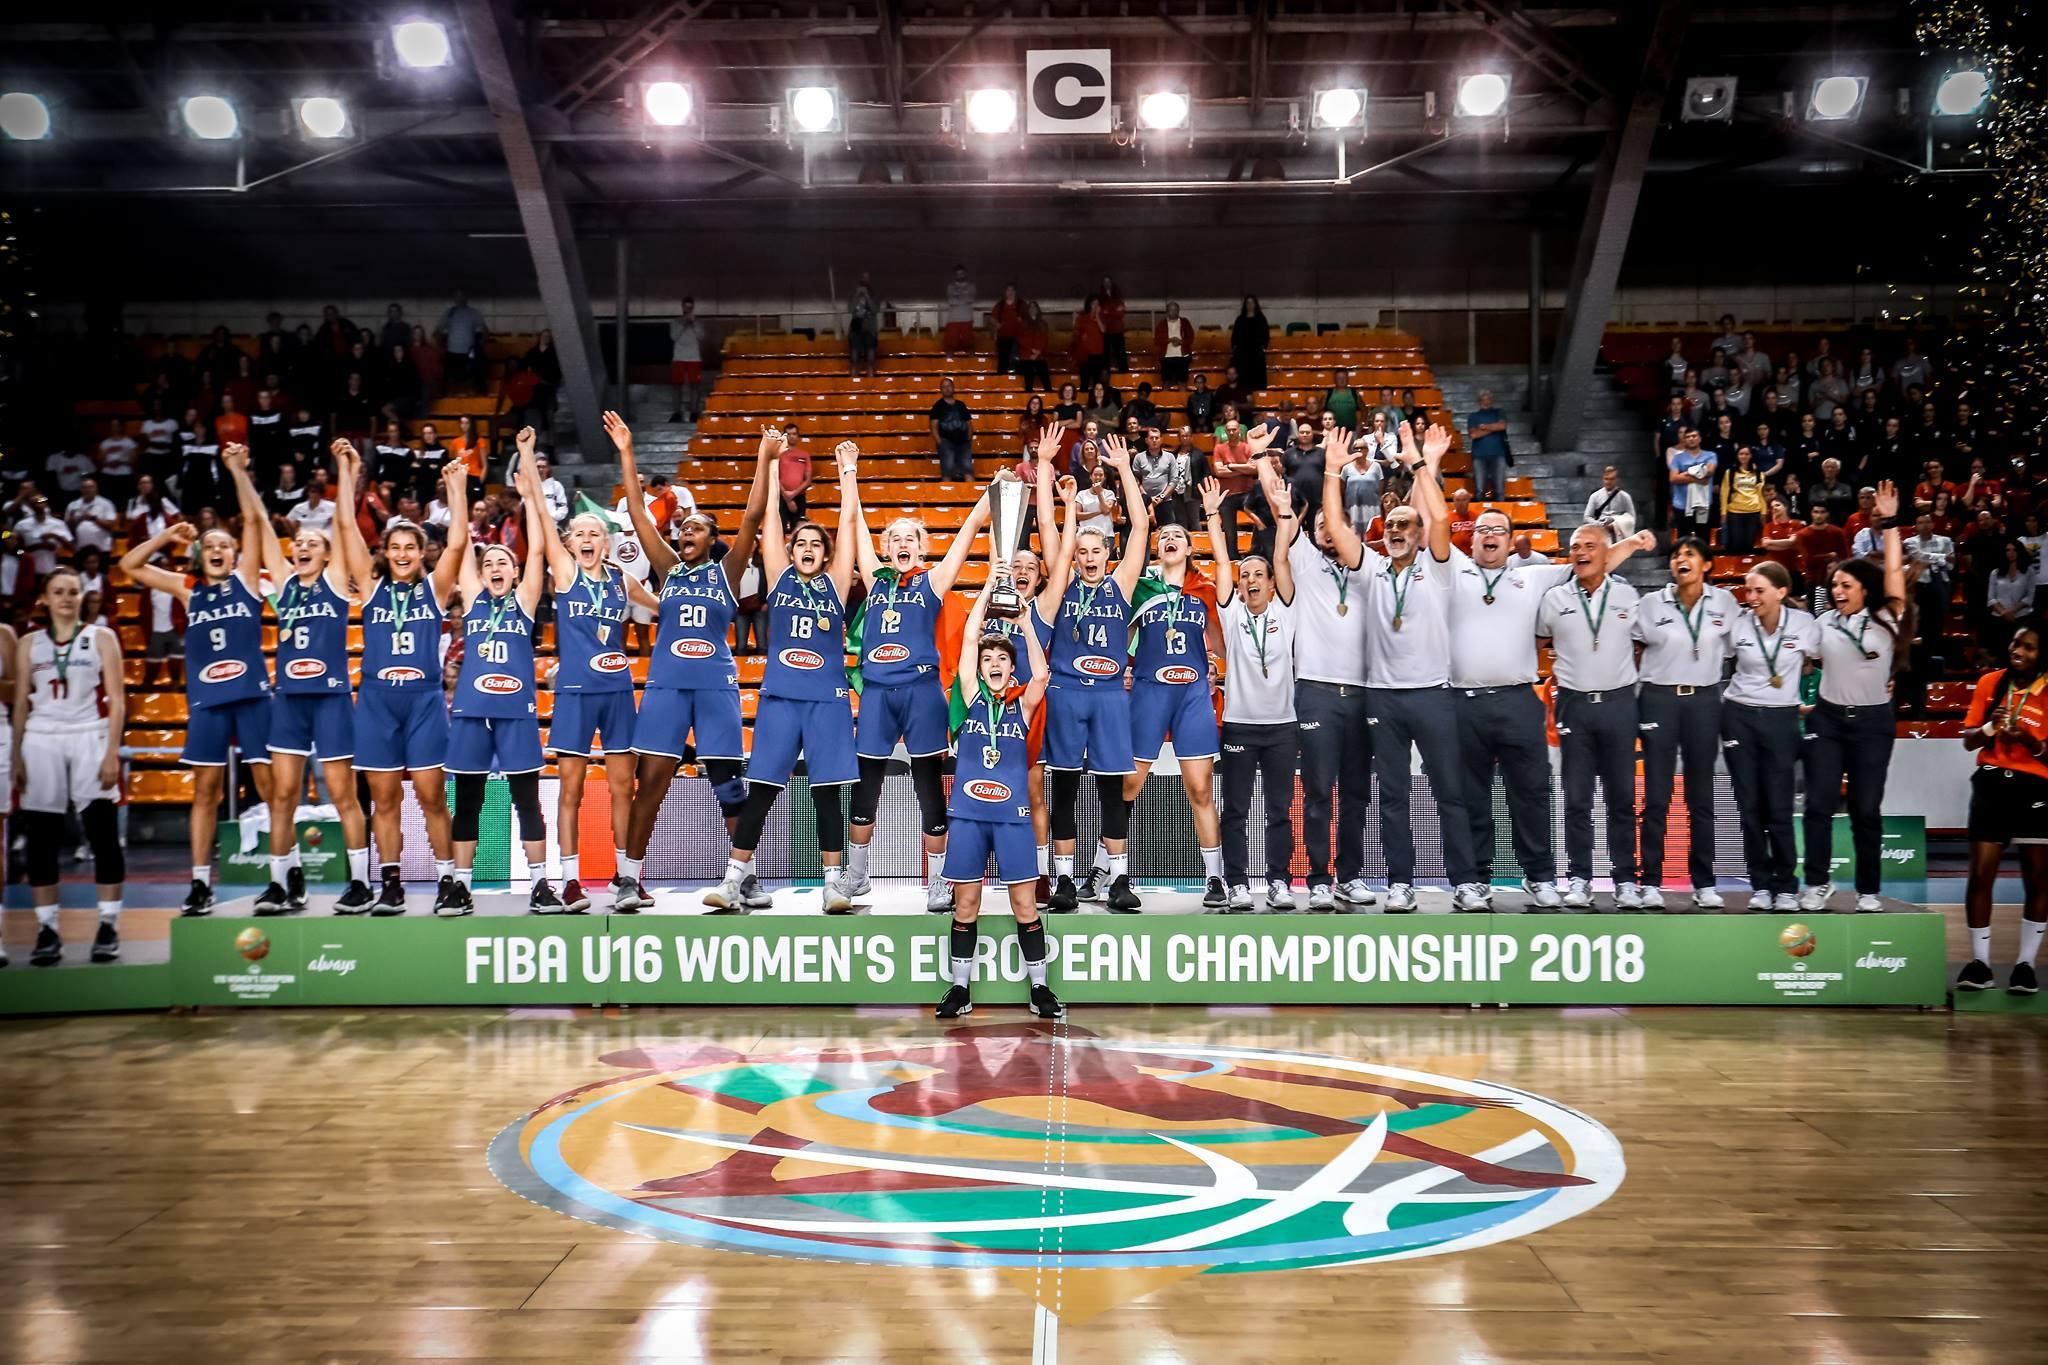 Nazionale Femminile 2018: l'Italbasket U16F nella storia del basket rosa medaglia d'oro ai FIBA Europe battuta la Repubblica Ceca in finale 52-60